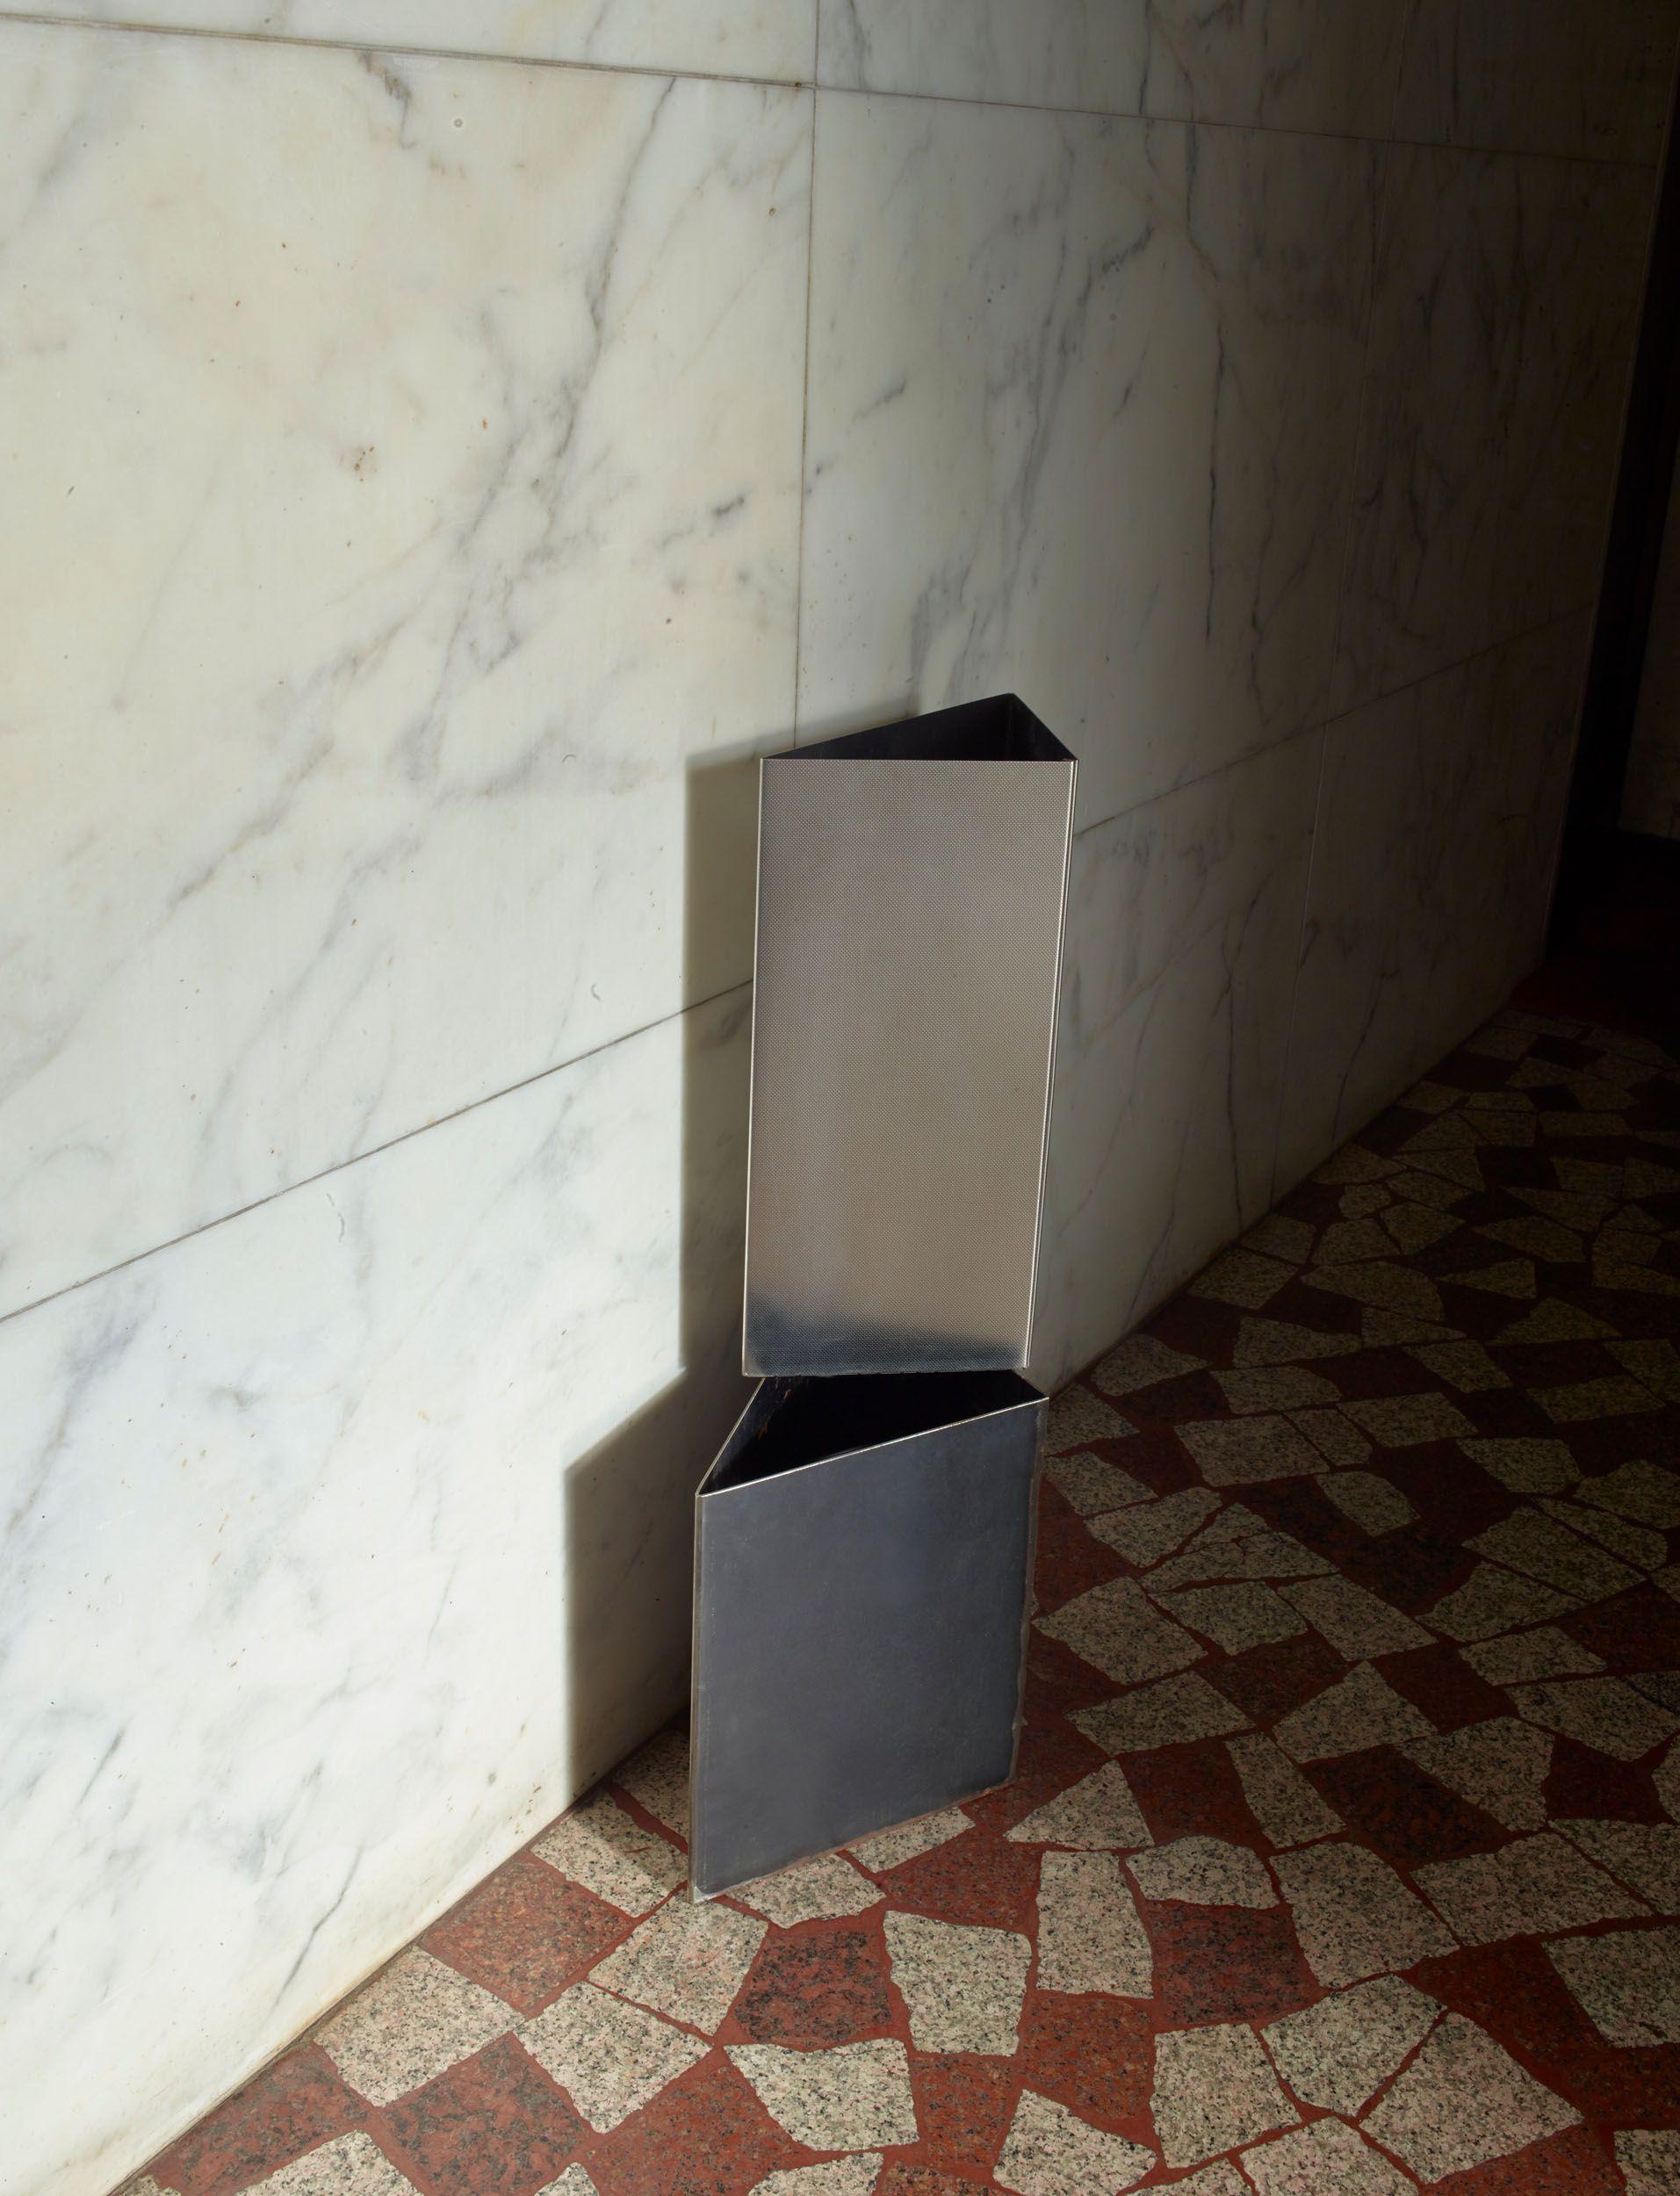 Sillabe Luca Baroni Furniture